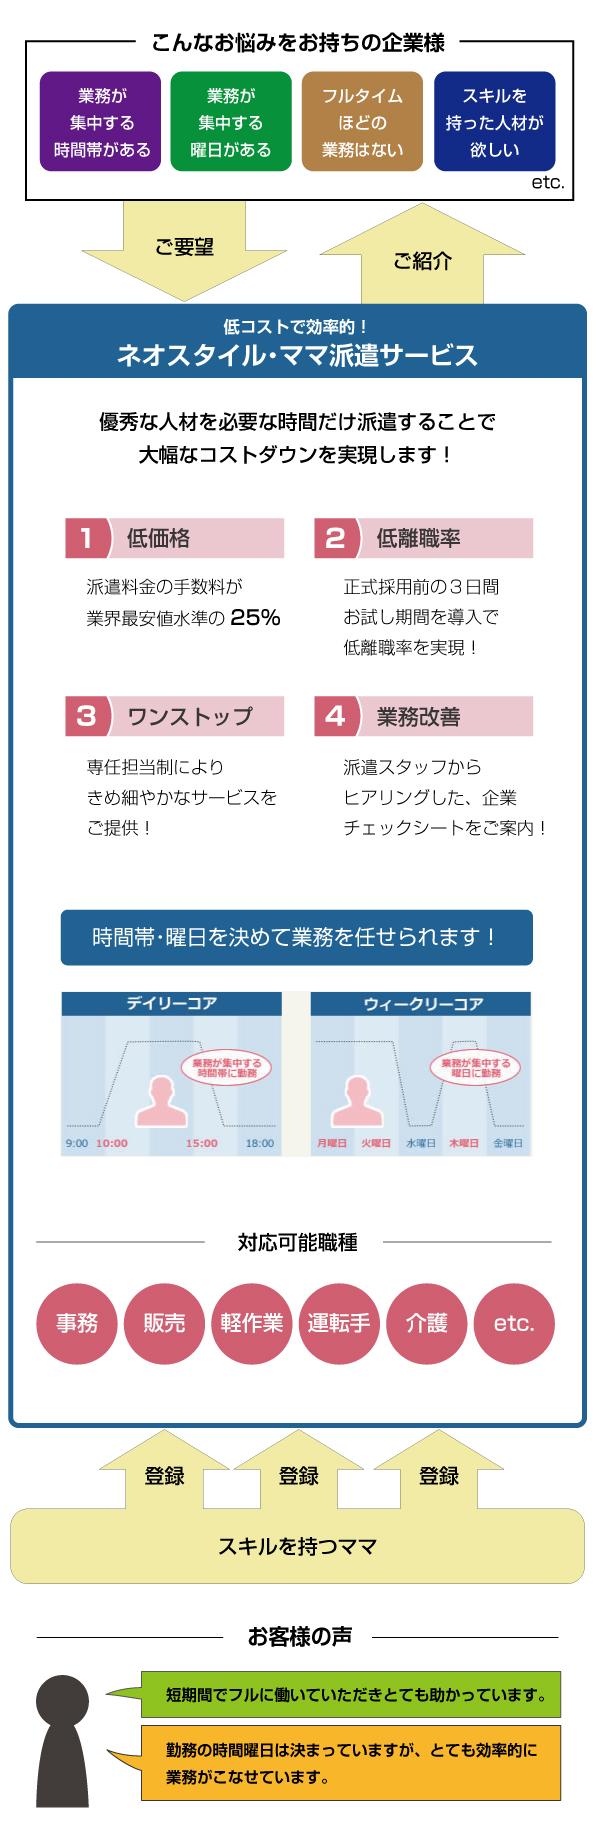 ネオスタイル・ママ派遣サービス